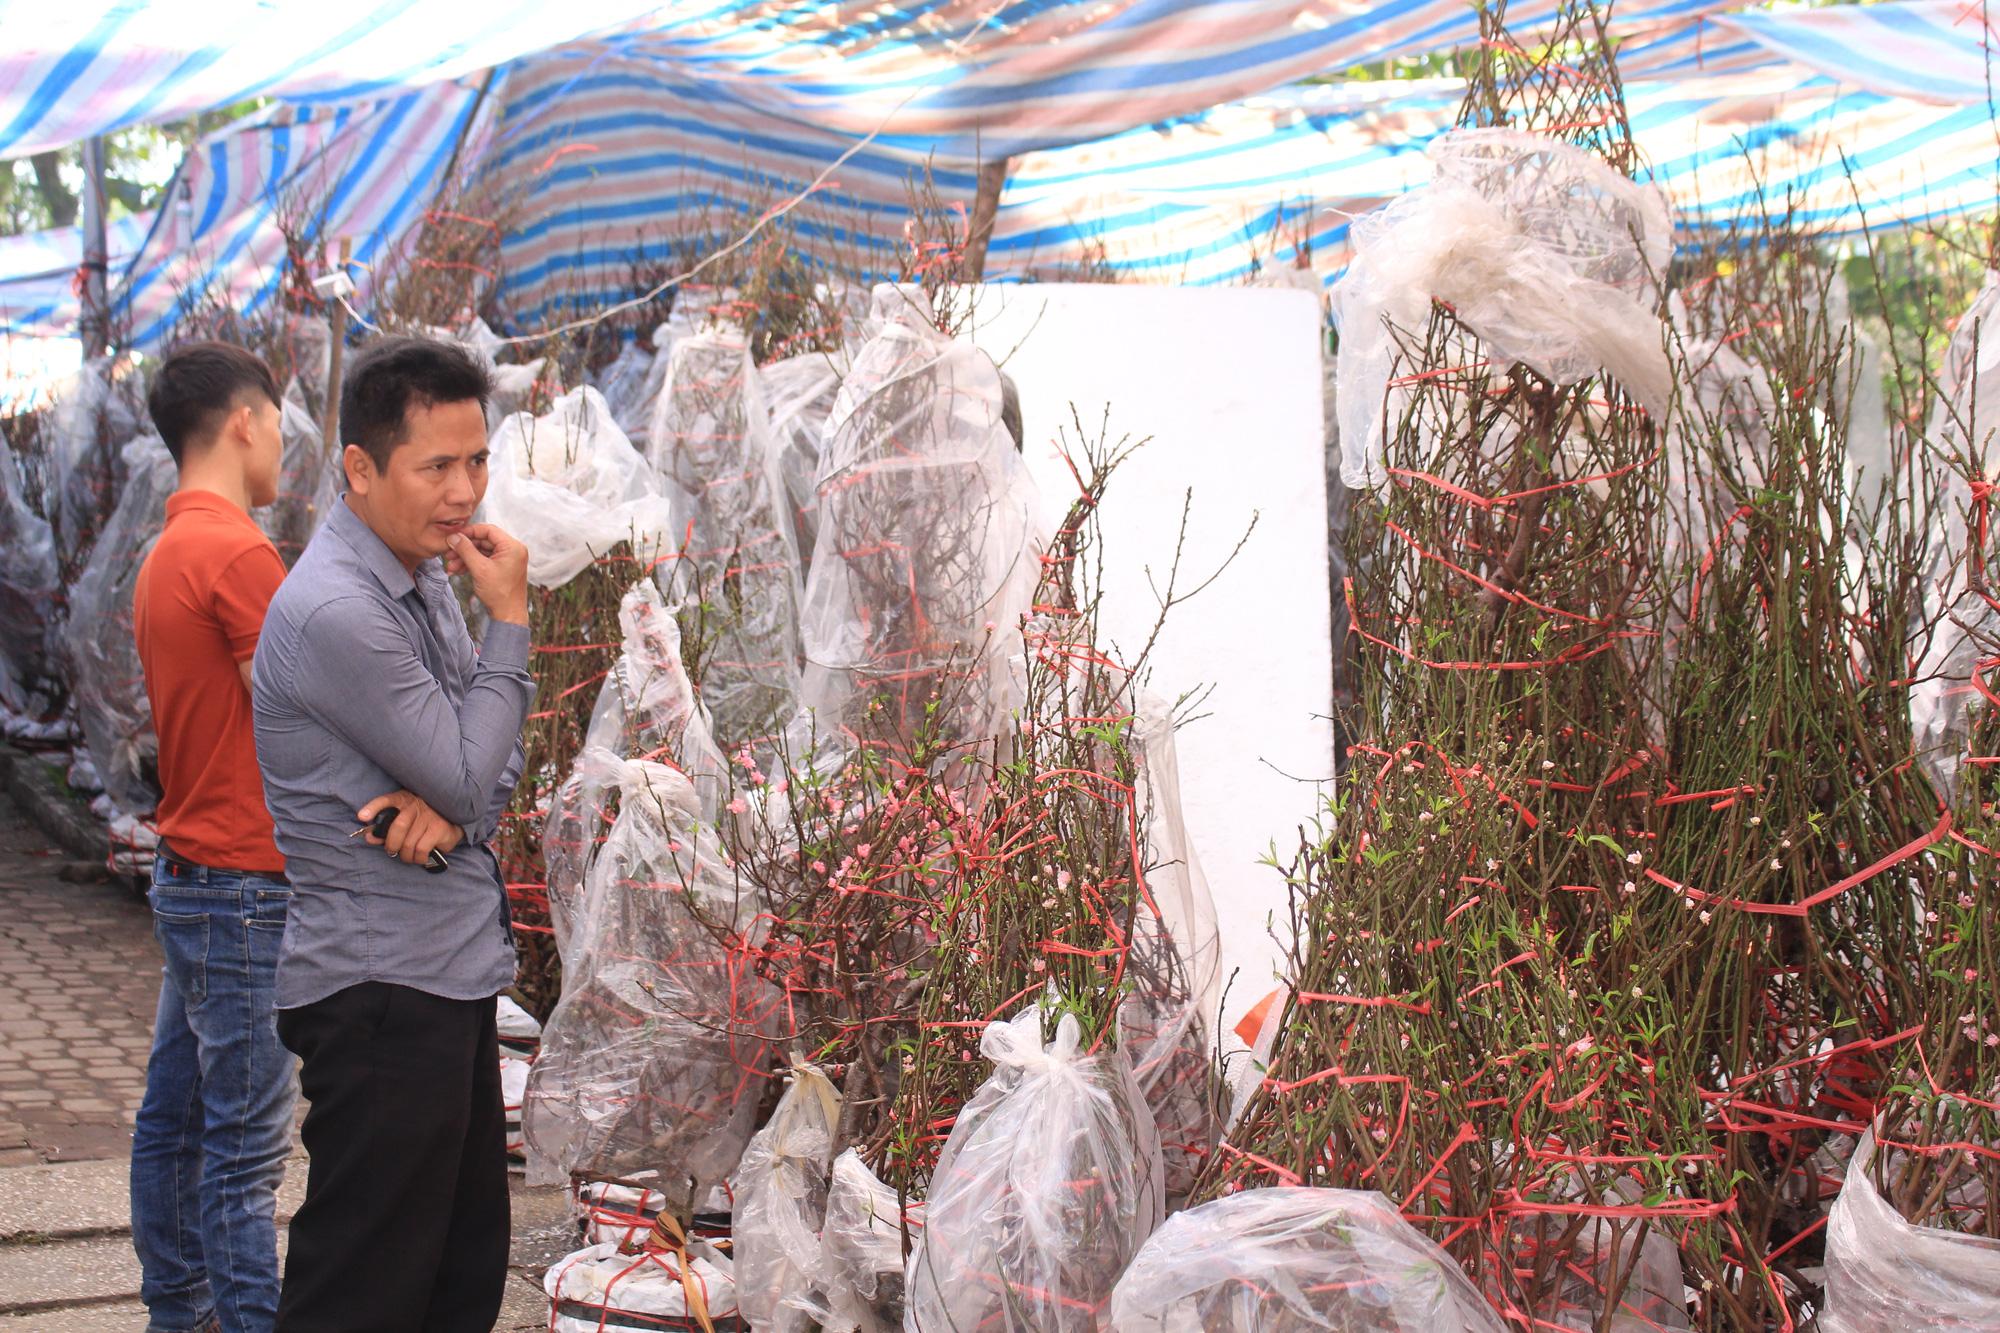 28 Tết, đào Nhật Tân tại chợ hoa Sài Gòn bắt đầu giảm giá, thuận mua vừa bán nên hút khách - Ảnh 2.